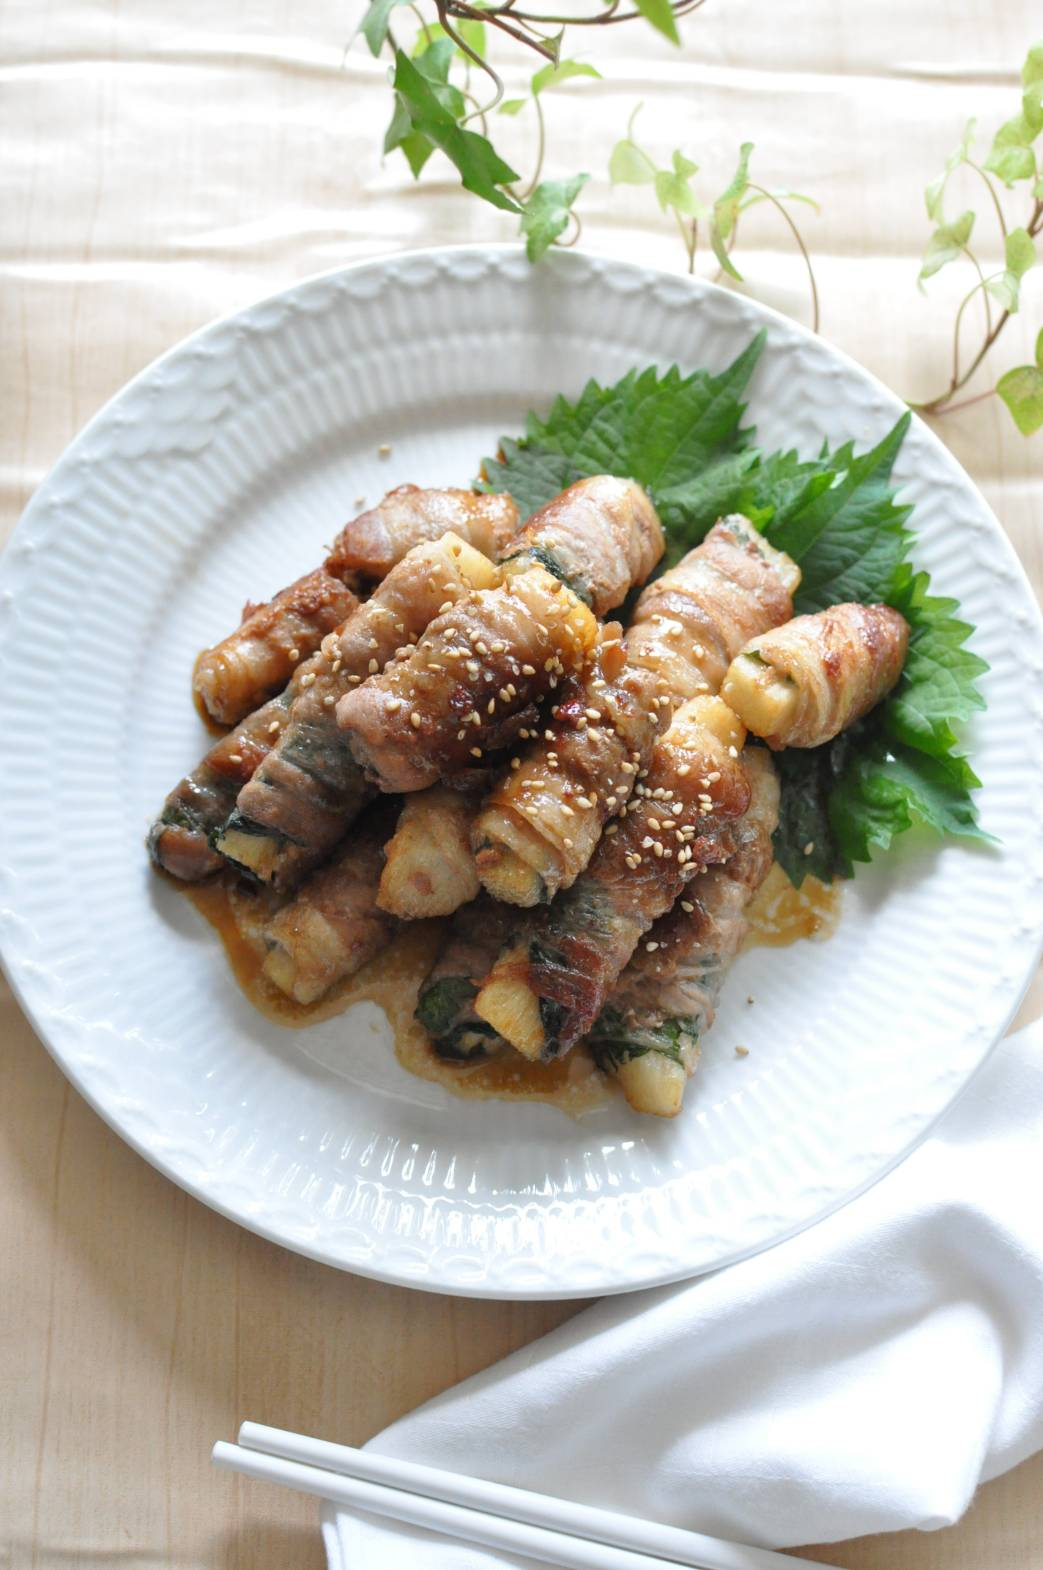 大和芋の肉巻き照り焼き